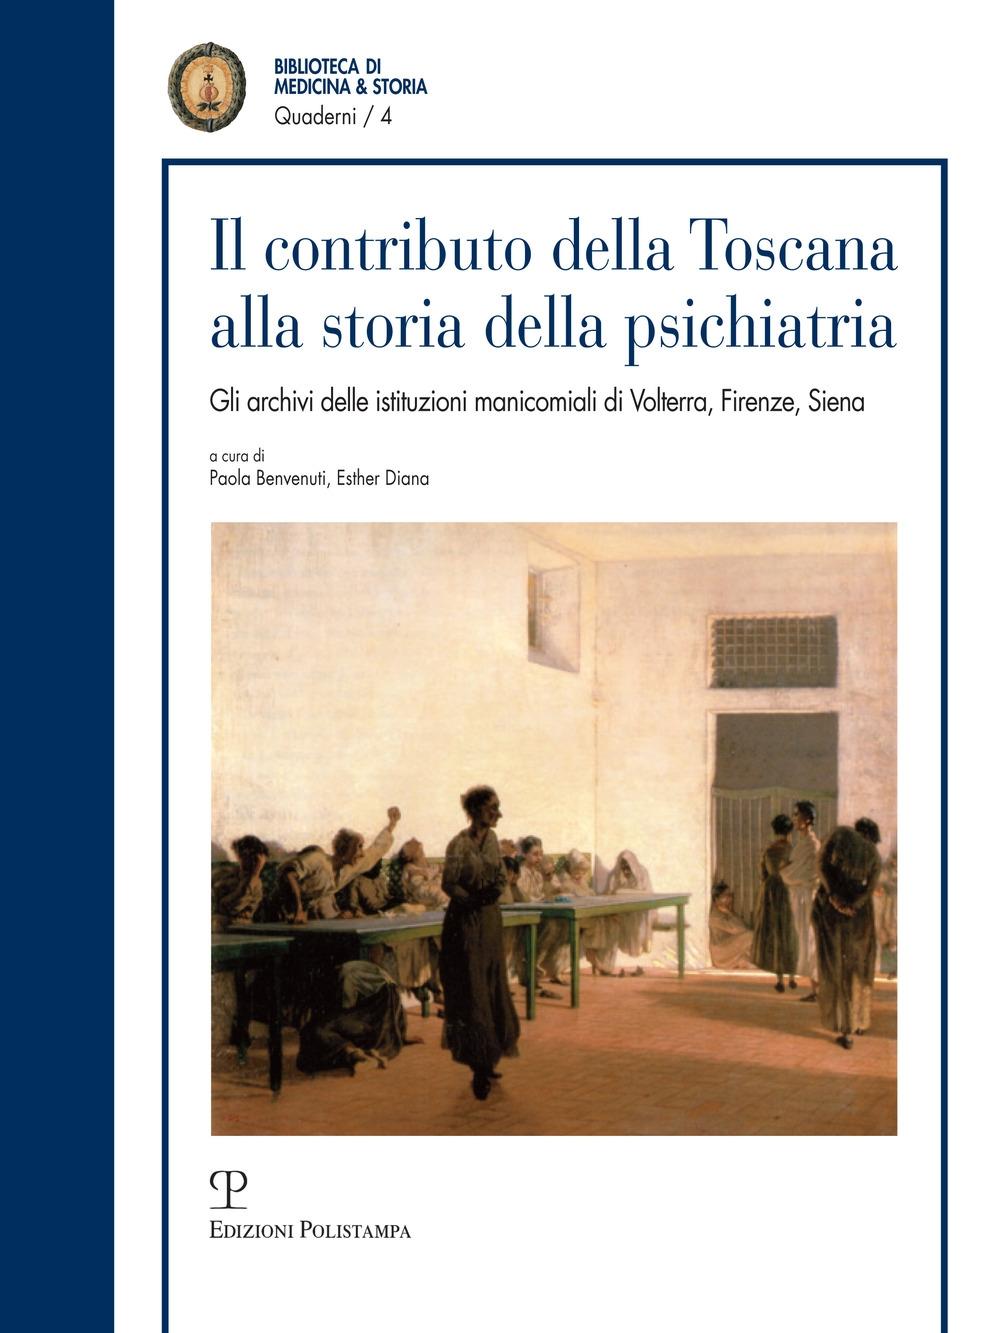 Il contributo della toscana alla storia della psichiatria. Gli archivi istituzionali manicomiali di Volterra, Firenze, Siena